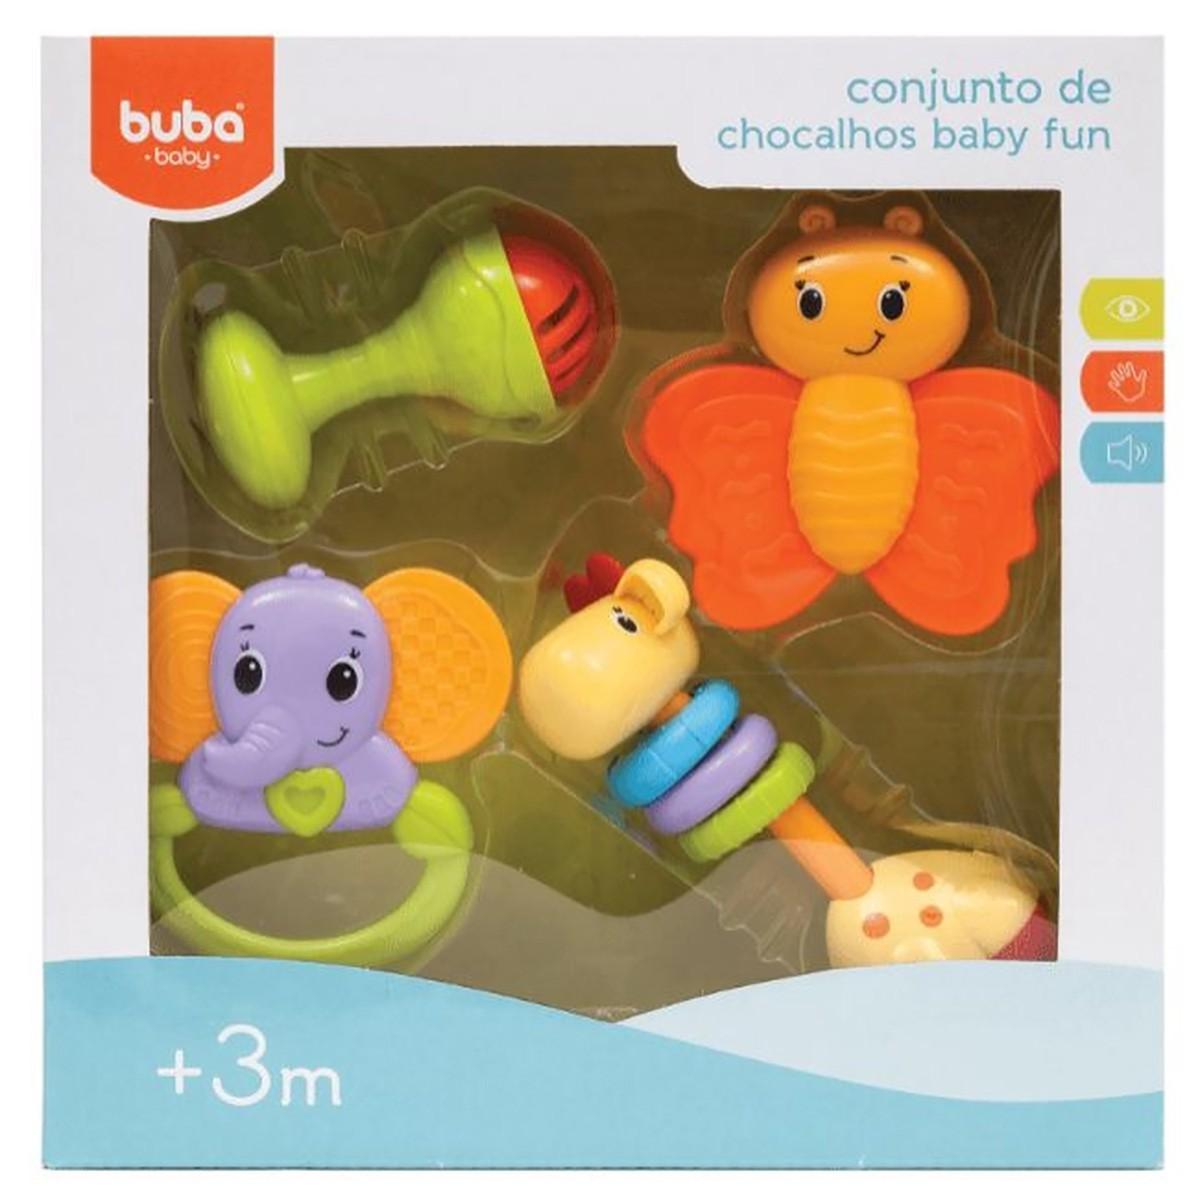 Conjunto de Chocalhos Buba Baby Fun 3m+